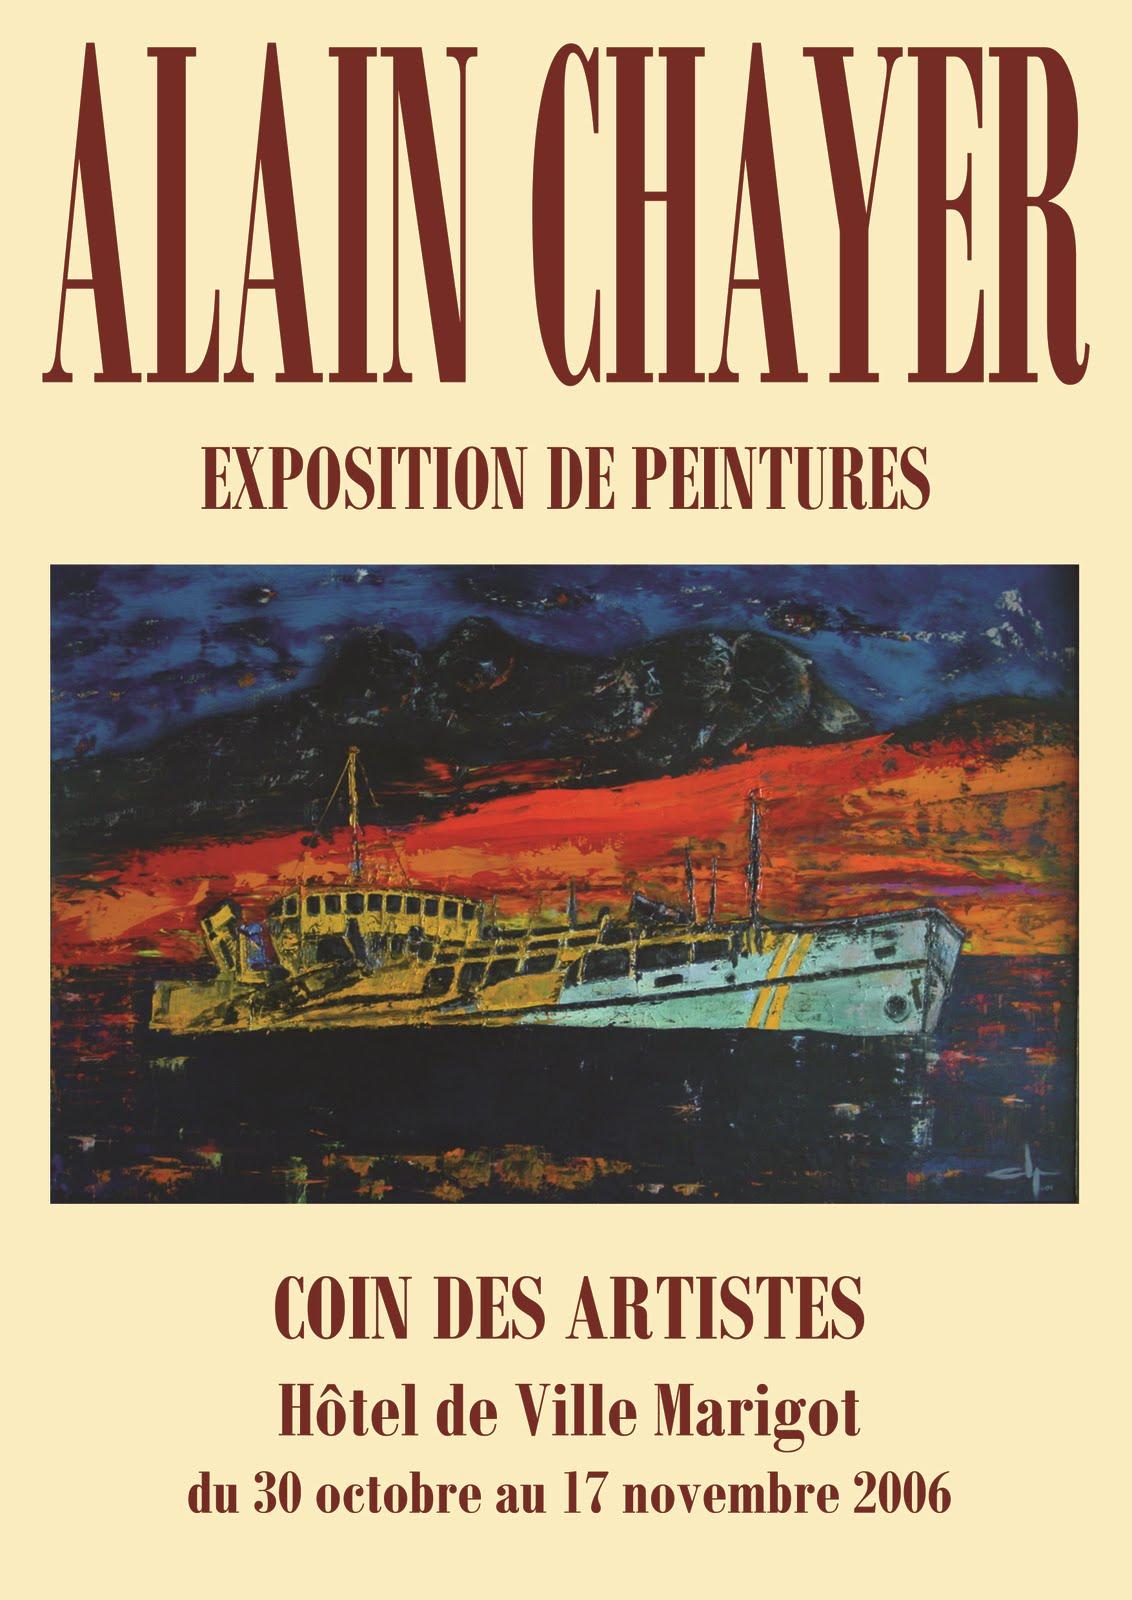 EXPOSITION AU COIN DES ARTISTES - MARIGOT - SAINT MARTIN - 30 OCTOBRE / 17 NOVEMBRE 2006